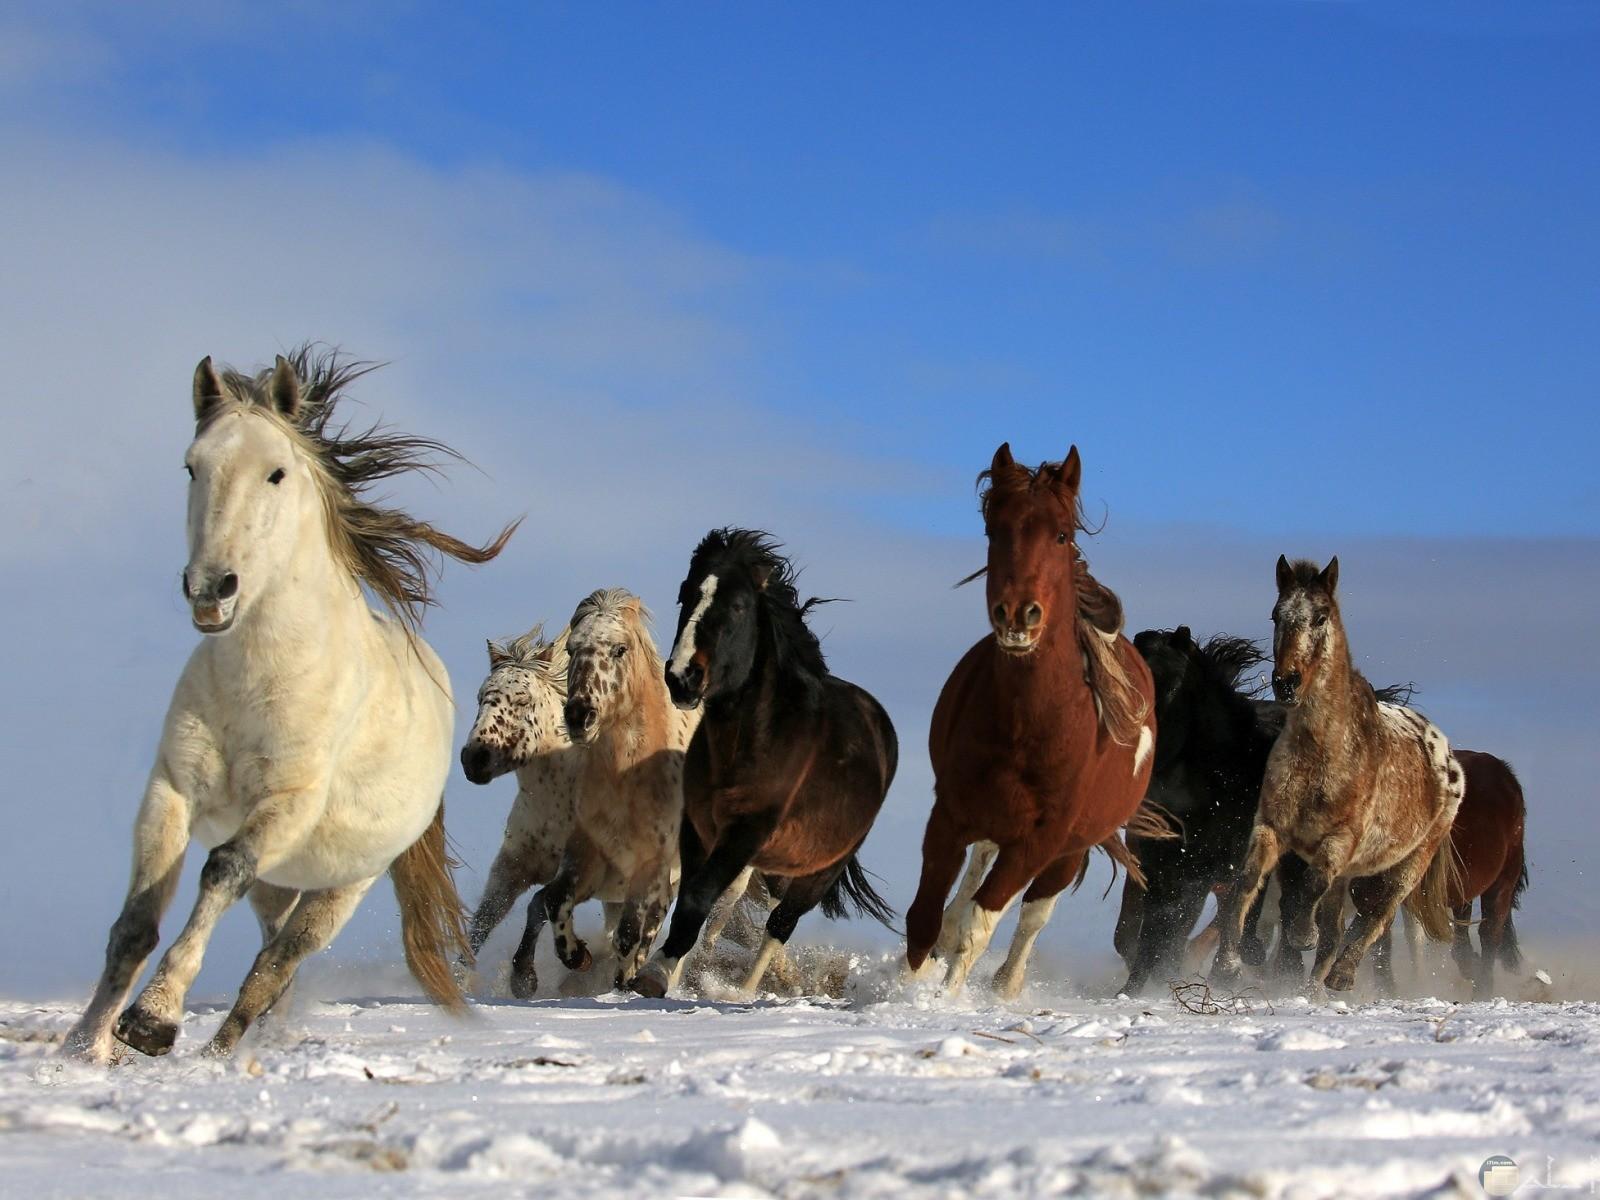 مجموعة خيول جميلة تجري على الشاطئ.